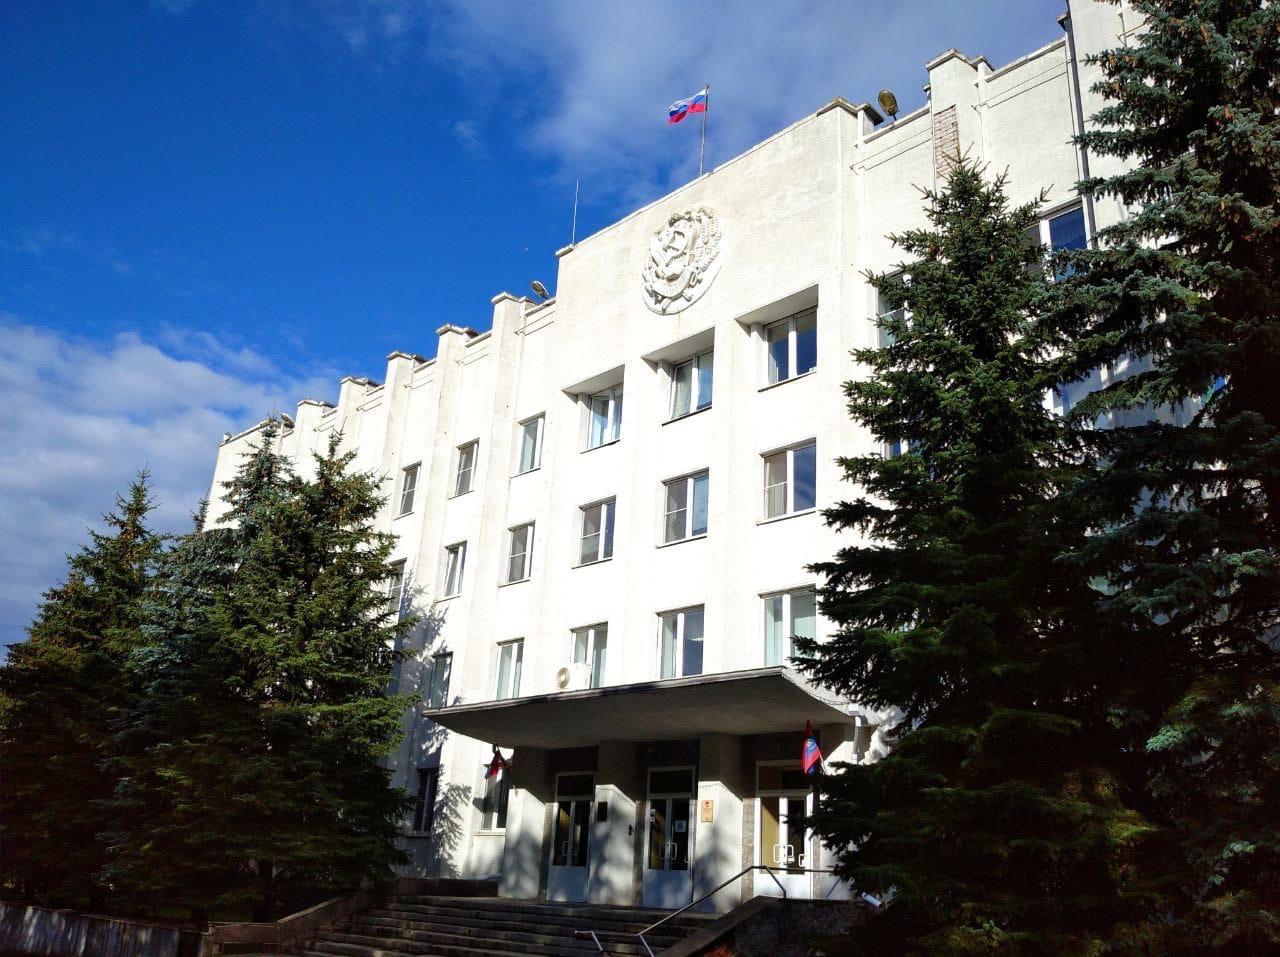 Глава Рыбинска прокомментировал поведение сотрудников администрации, устроивших конфликт в баре